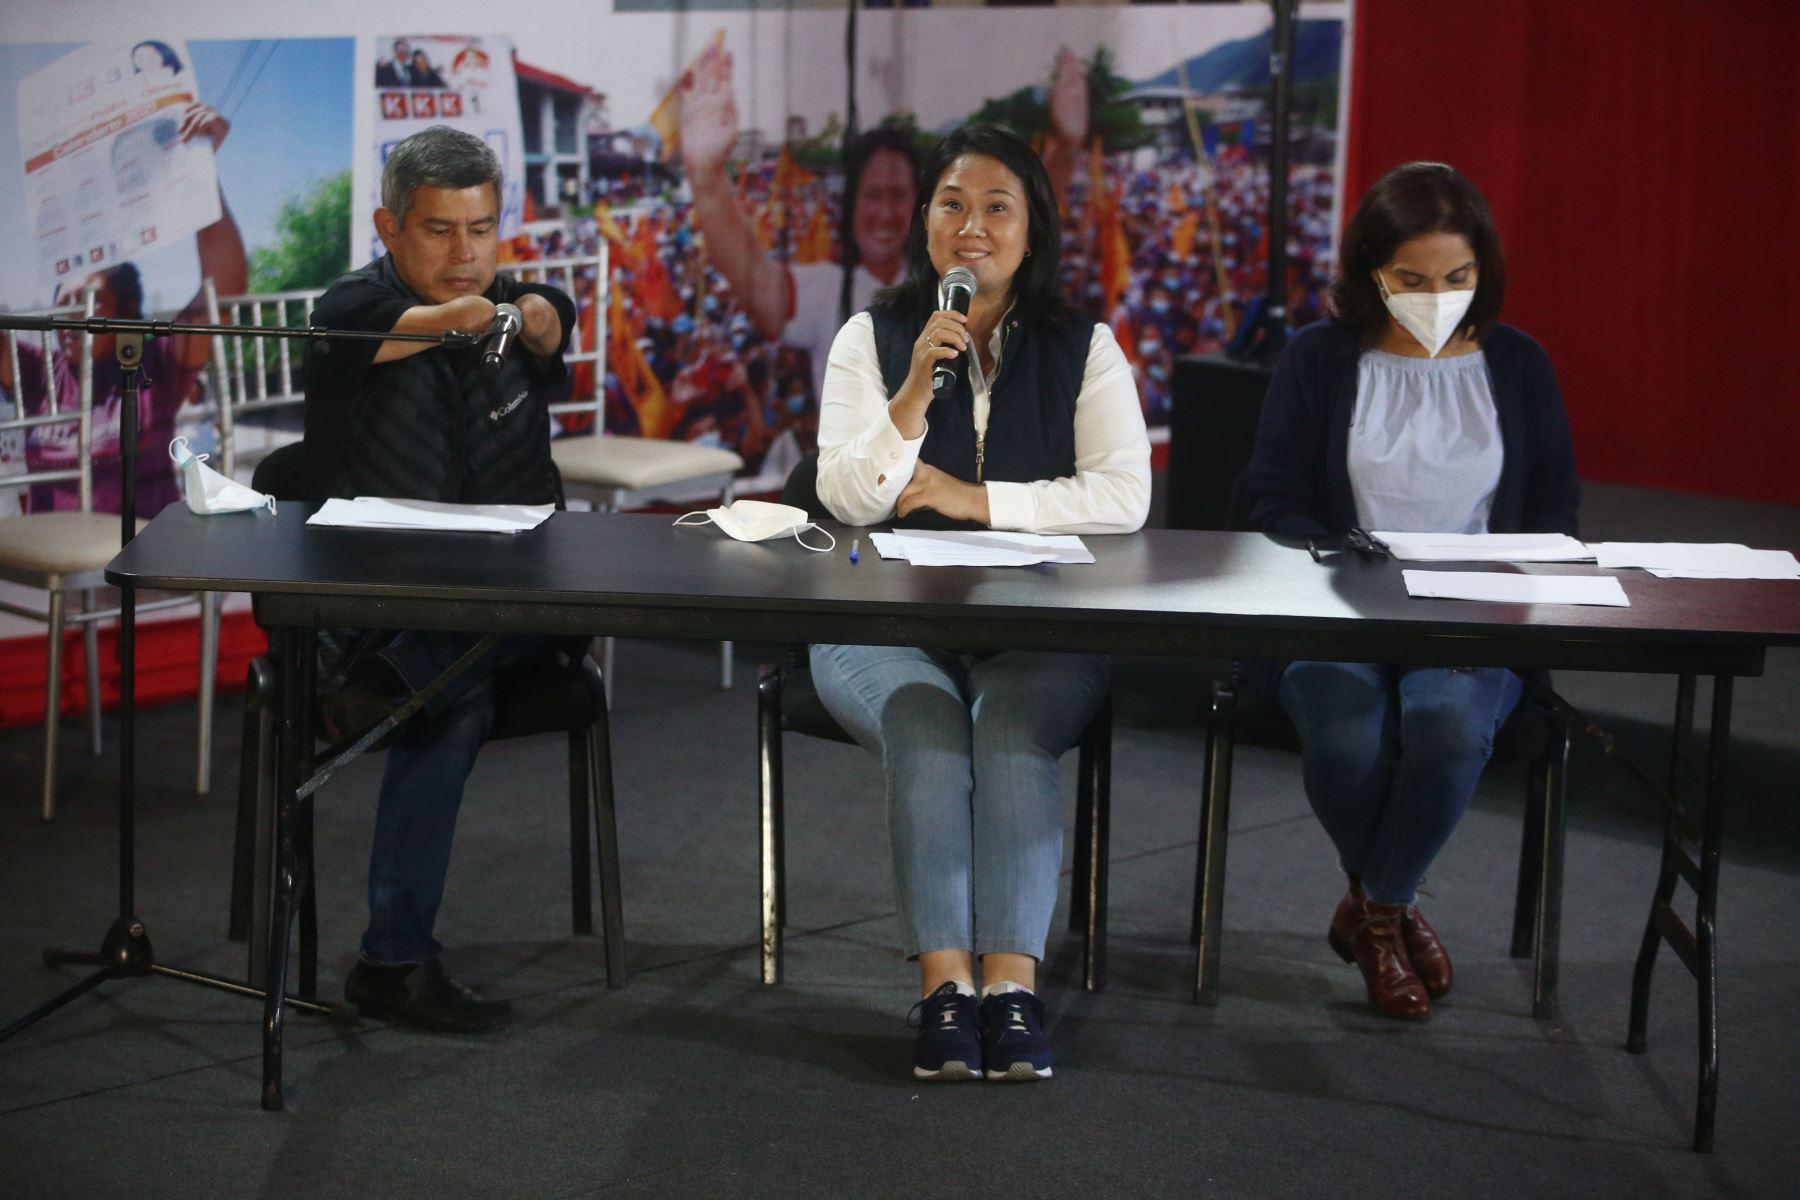 Conferencia de prensa de la candidata de Fuerza Popular, Keiko Fujimori sobre los últimos resultados ONPE denunciando irregularidades de la jornada electoral. Foto: ANDINA/Vidal Tarqui